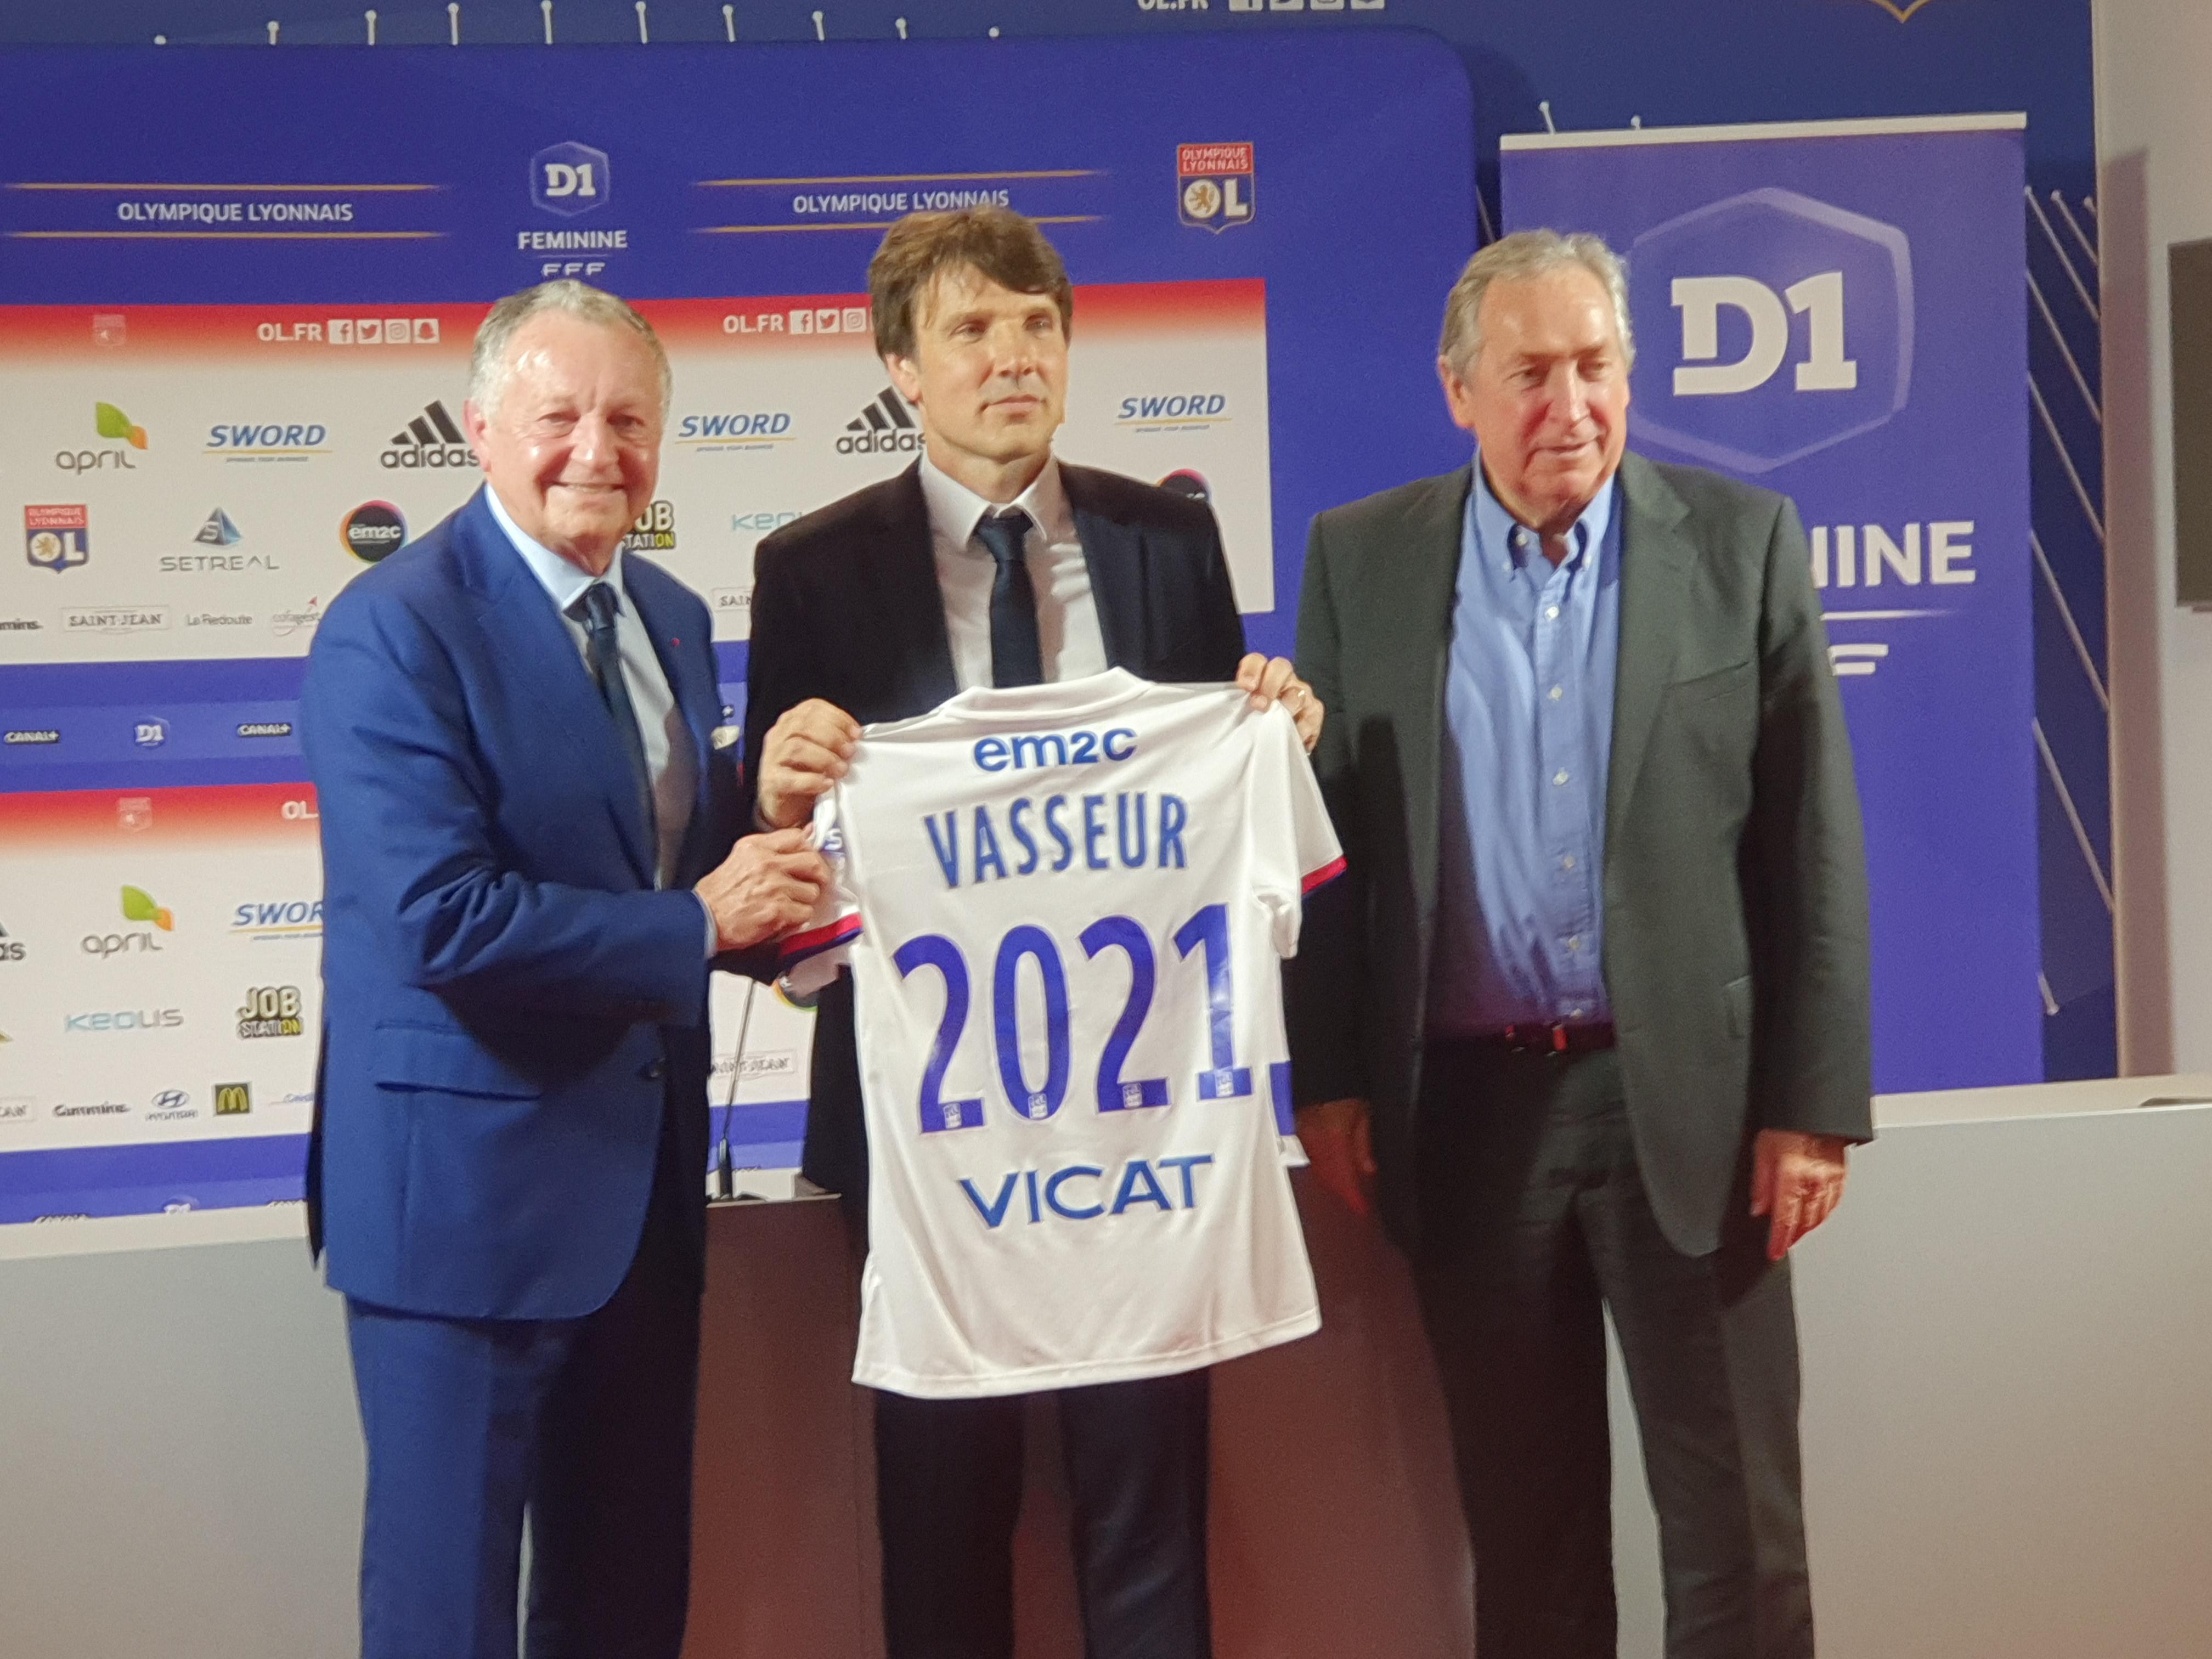 Jean-Luc Vasseur nouvel entraîneur de l'équipe féminine de Lyon — Anciens